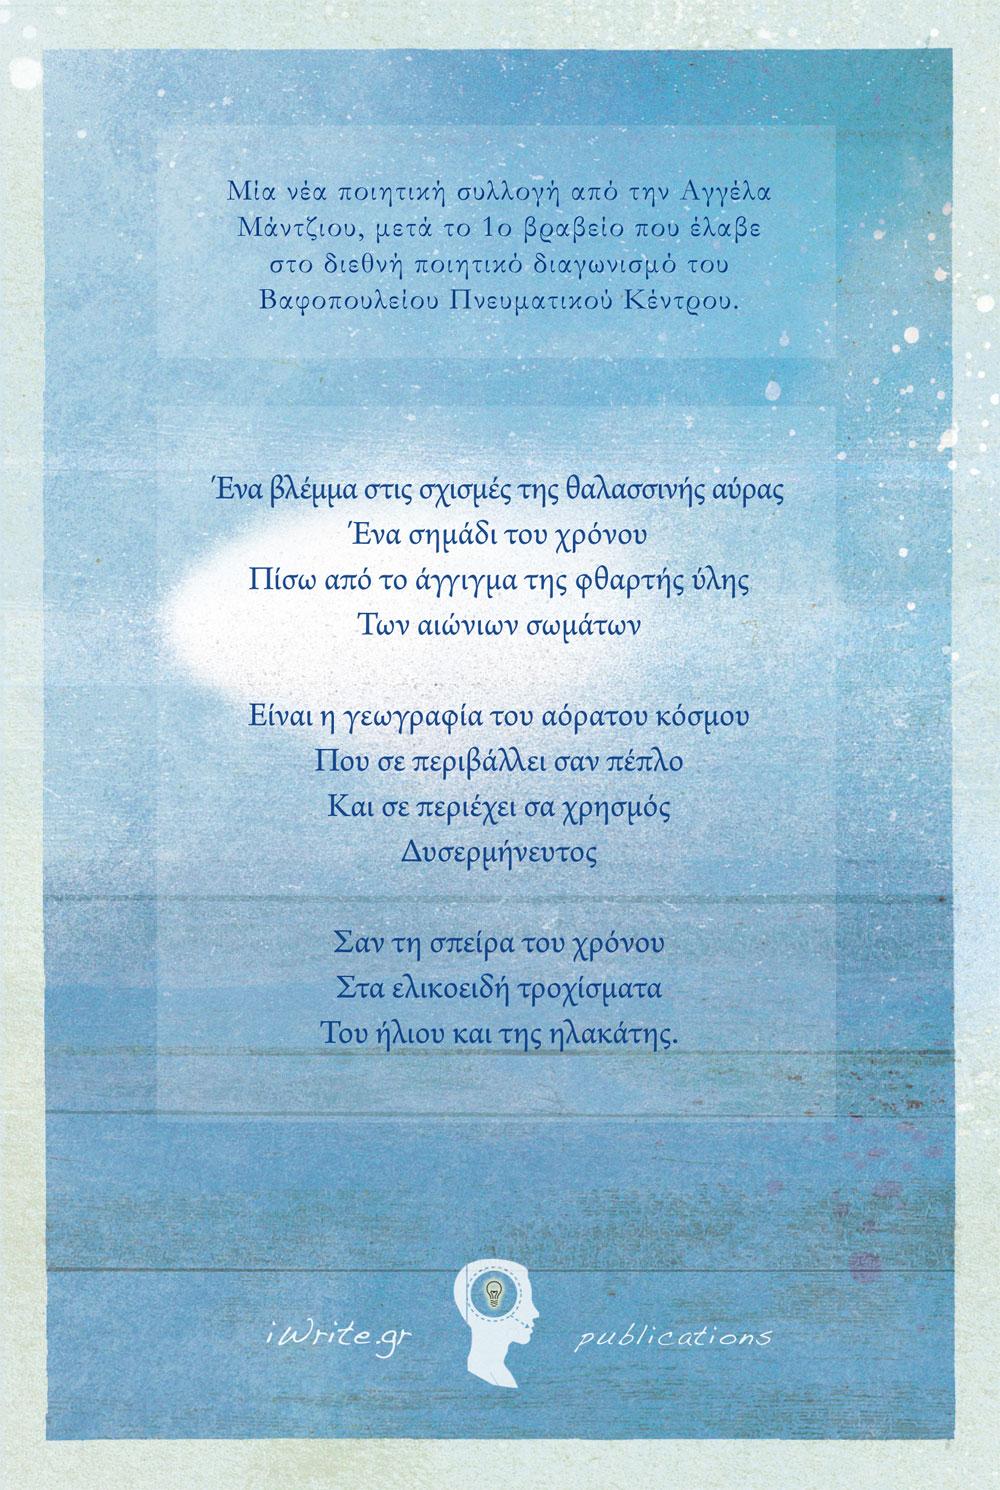 Οπισθόφυλλο, Ζεφύρων Πλεύσεις, Εκδόσεις iWrite